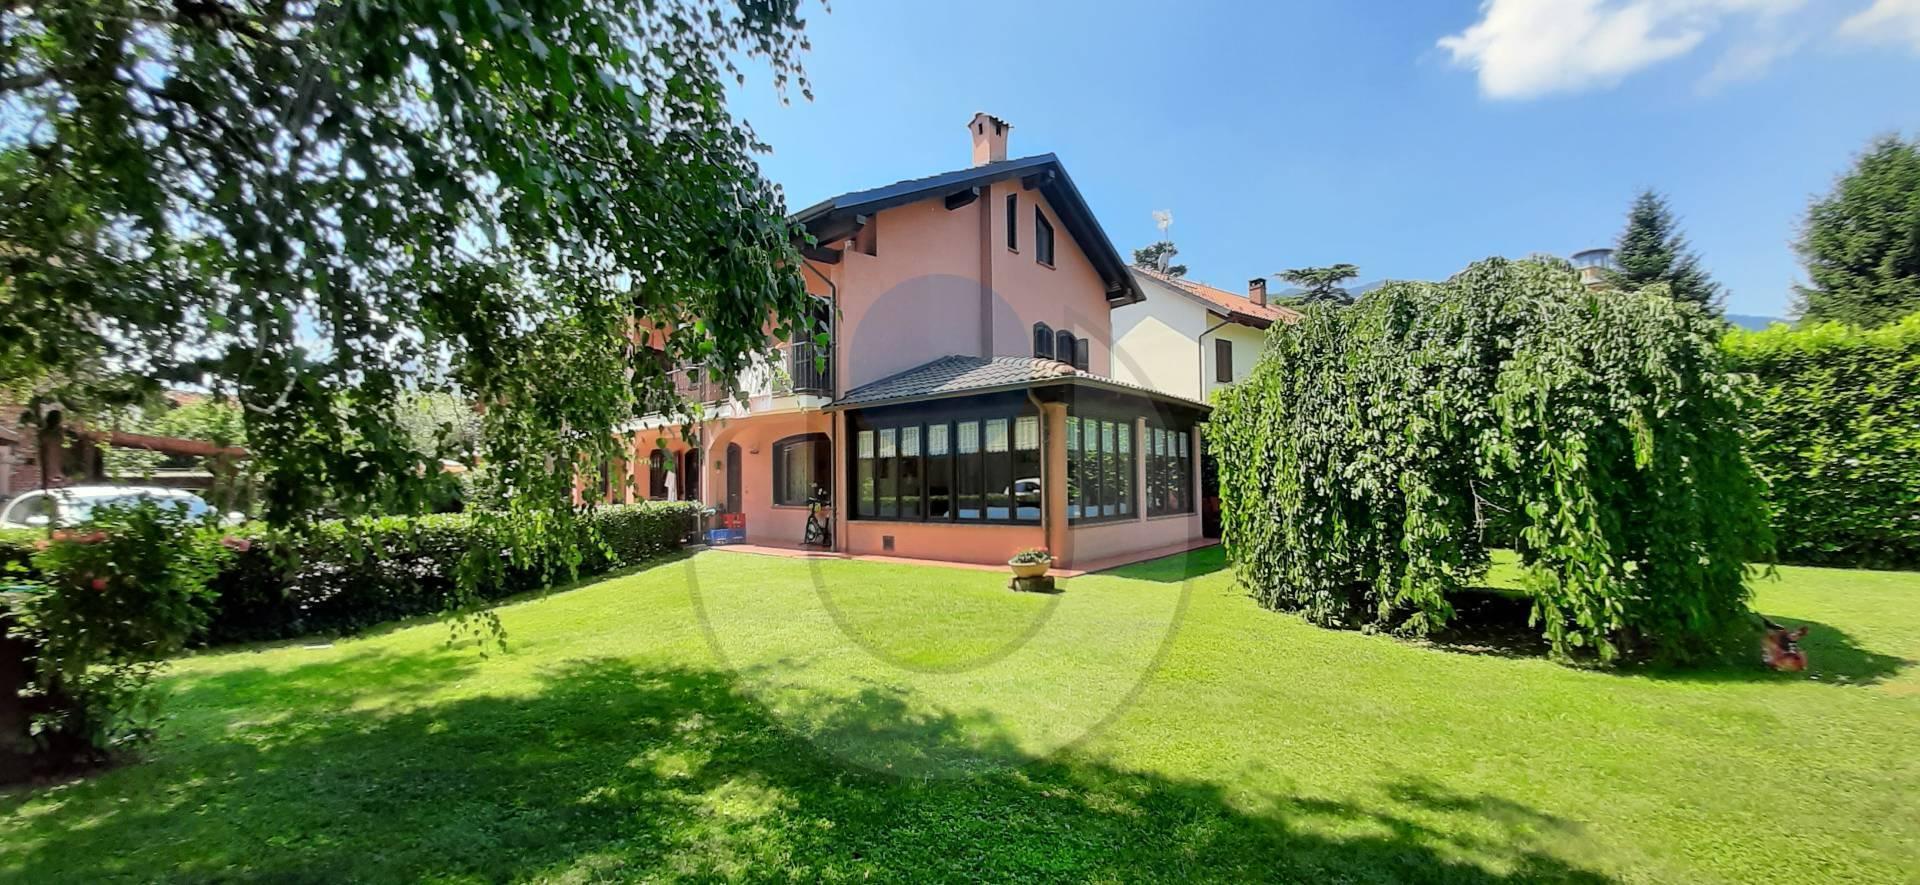 Villa in vendita a Sangano, 10 locali, zona Località: Centro, prezzo € 430.000   PortaleAgenzieImmobiliari.it